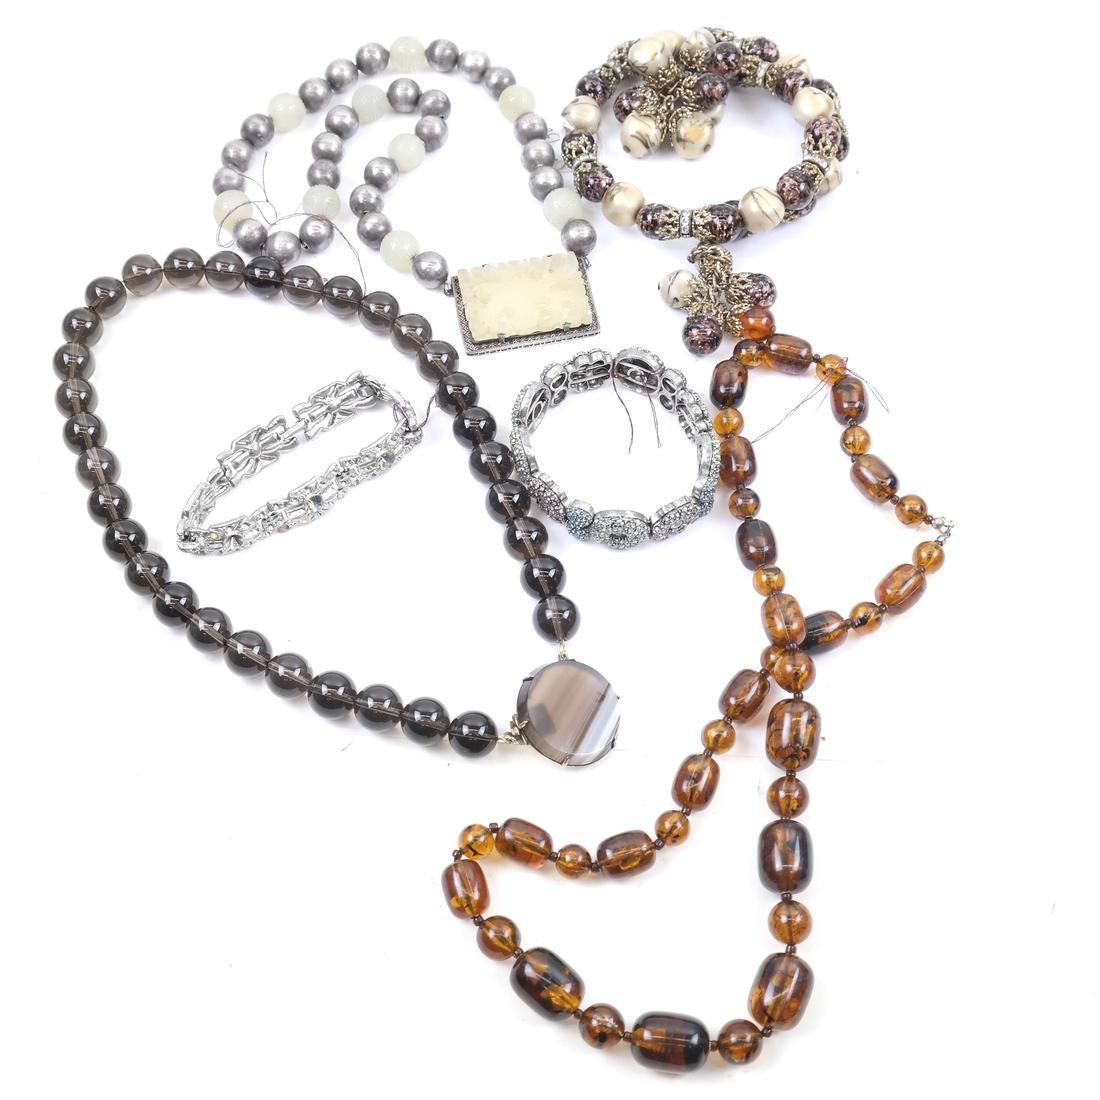 Jade and Assorted Neckaces & Bracelets